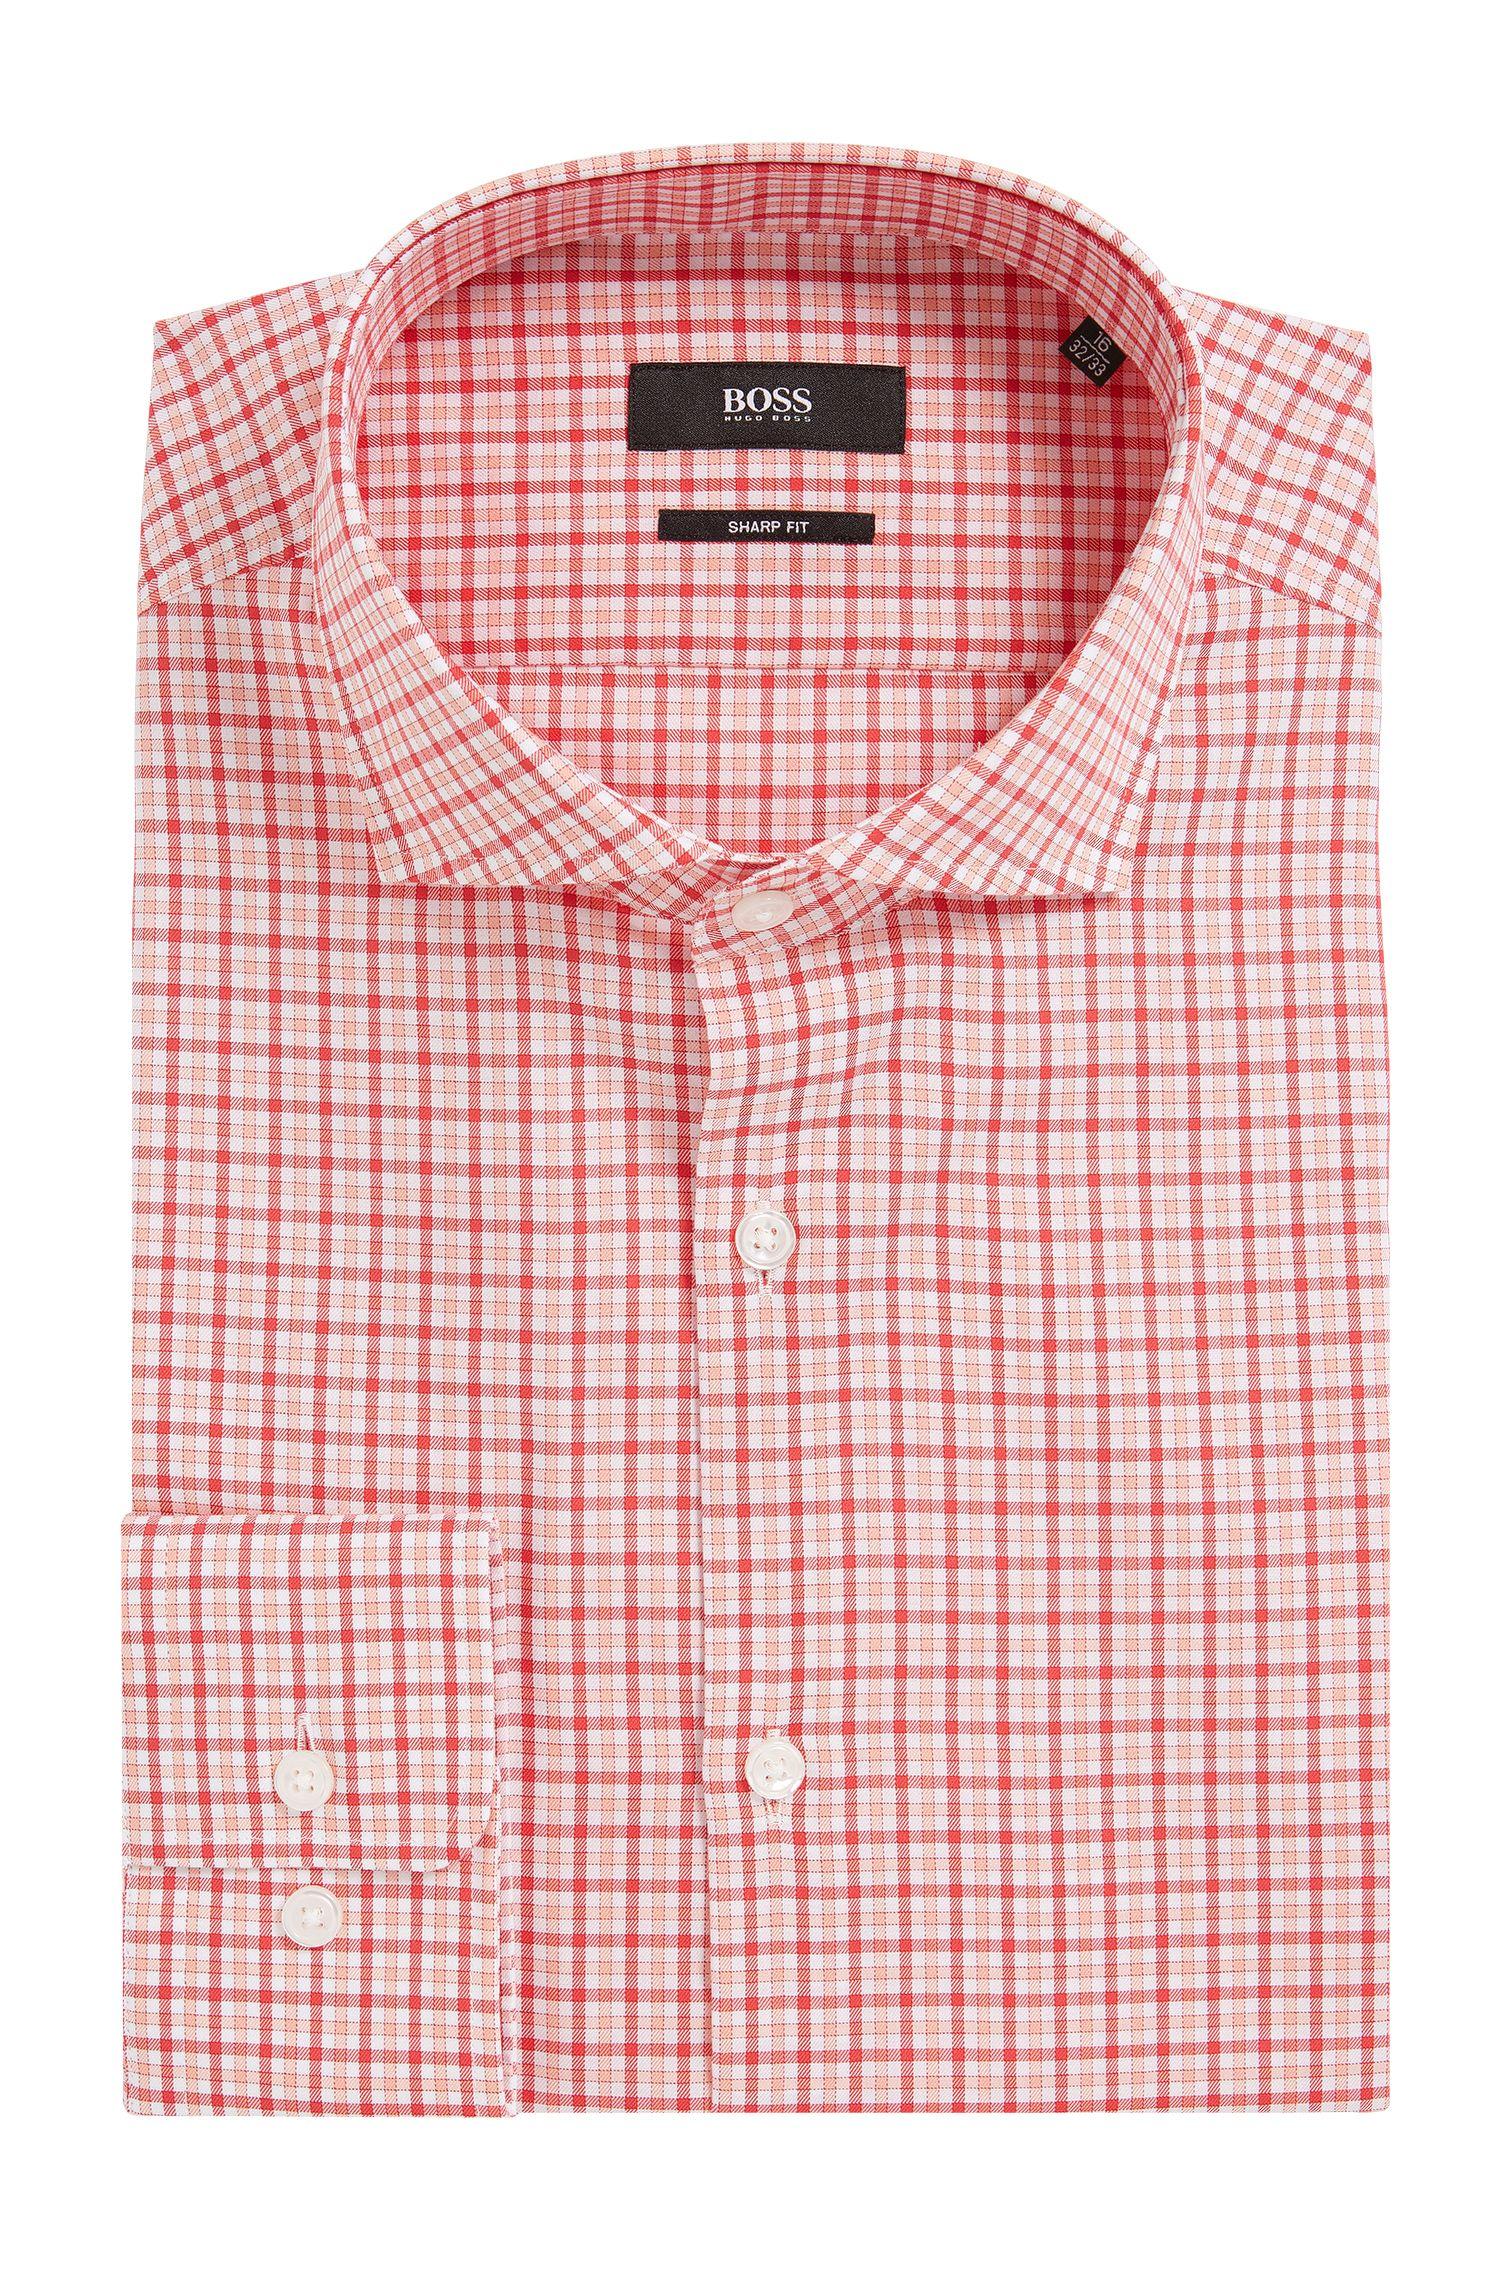 'Mark US' | Sharp Fit, Cotton Dress Shirt